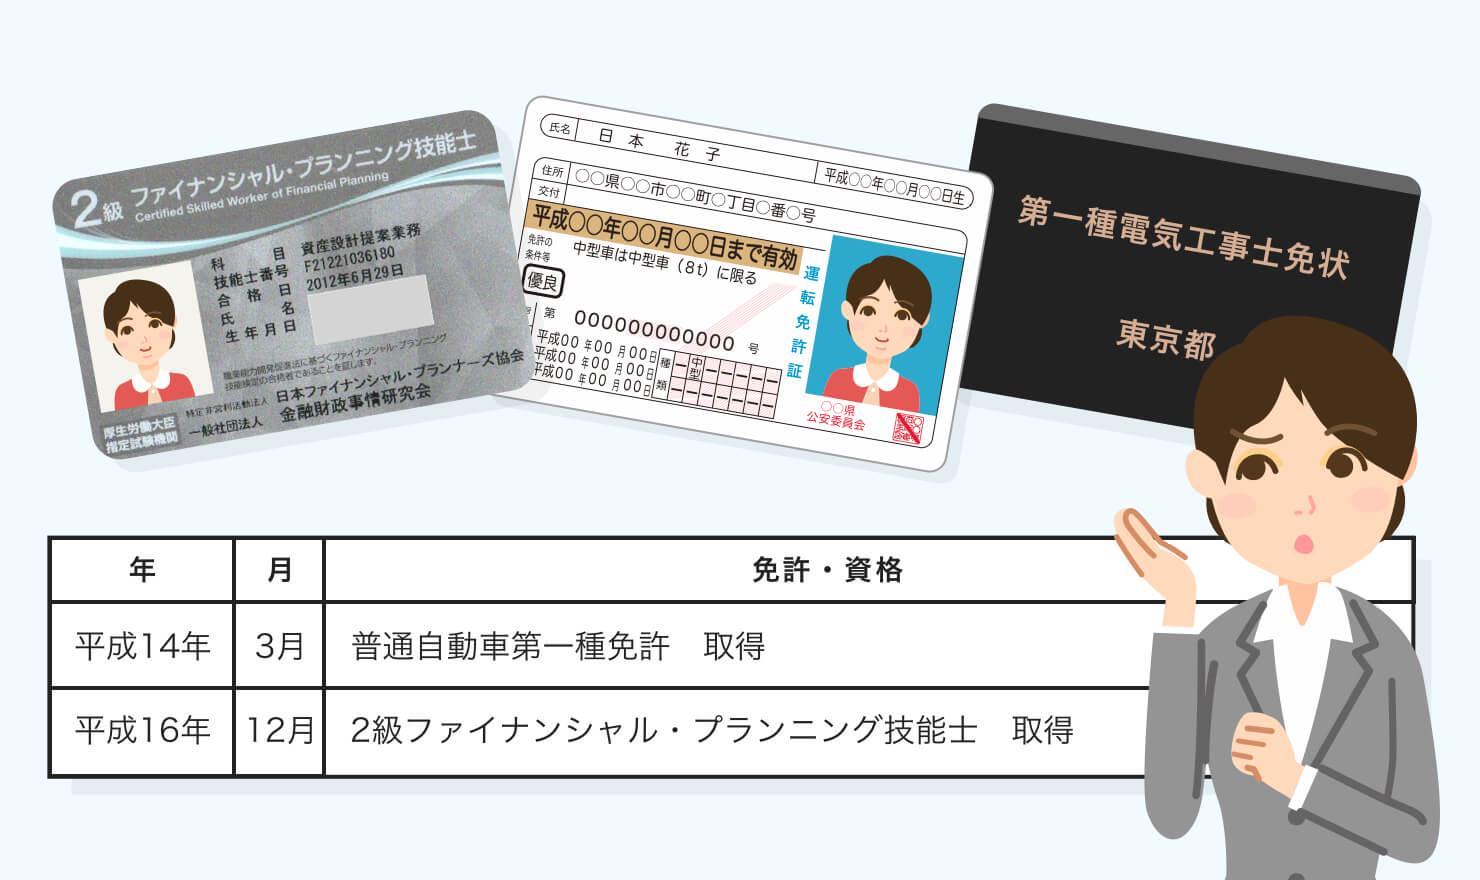 履歴書の免許・資格欄で実力アピール!免許記入の注意点